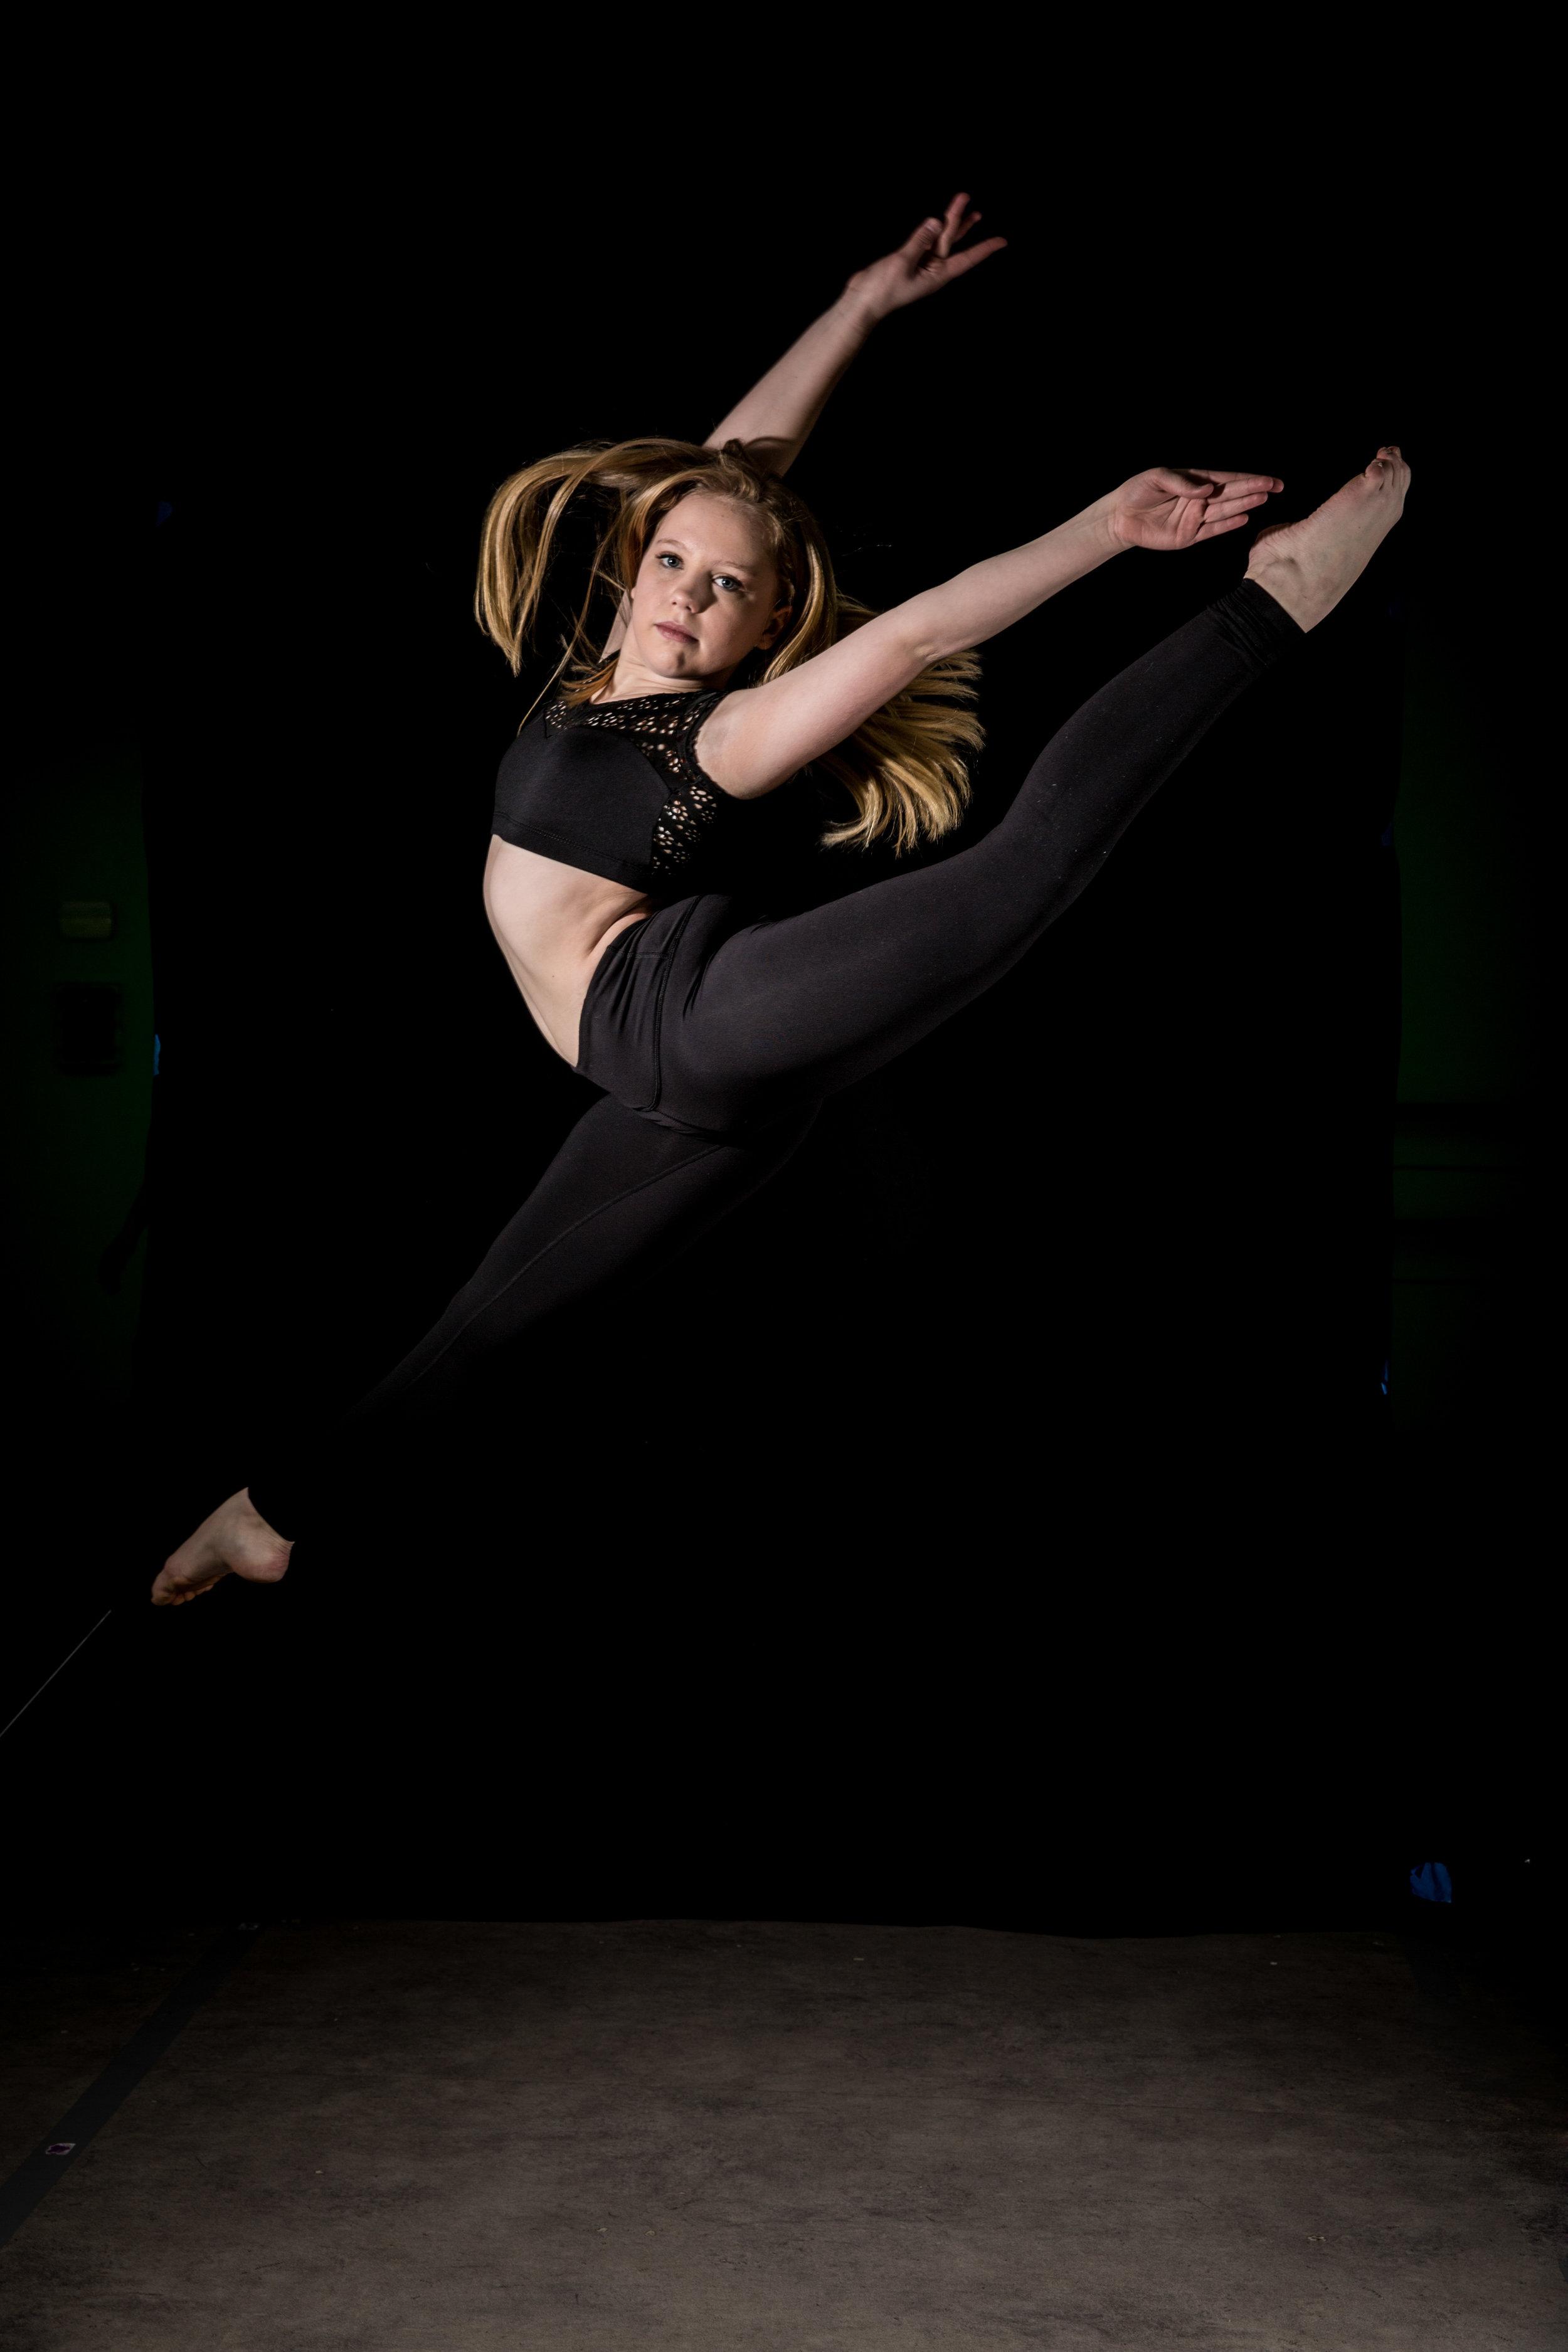 LR_Express_Dancer_Series-15.jpg